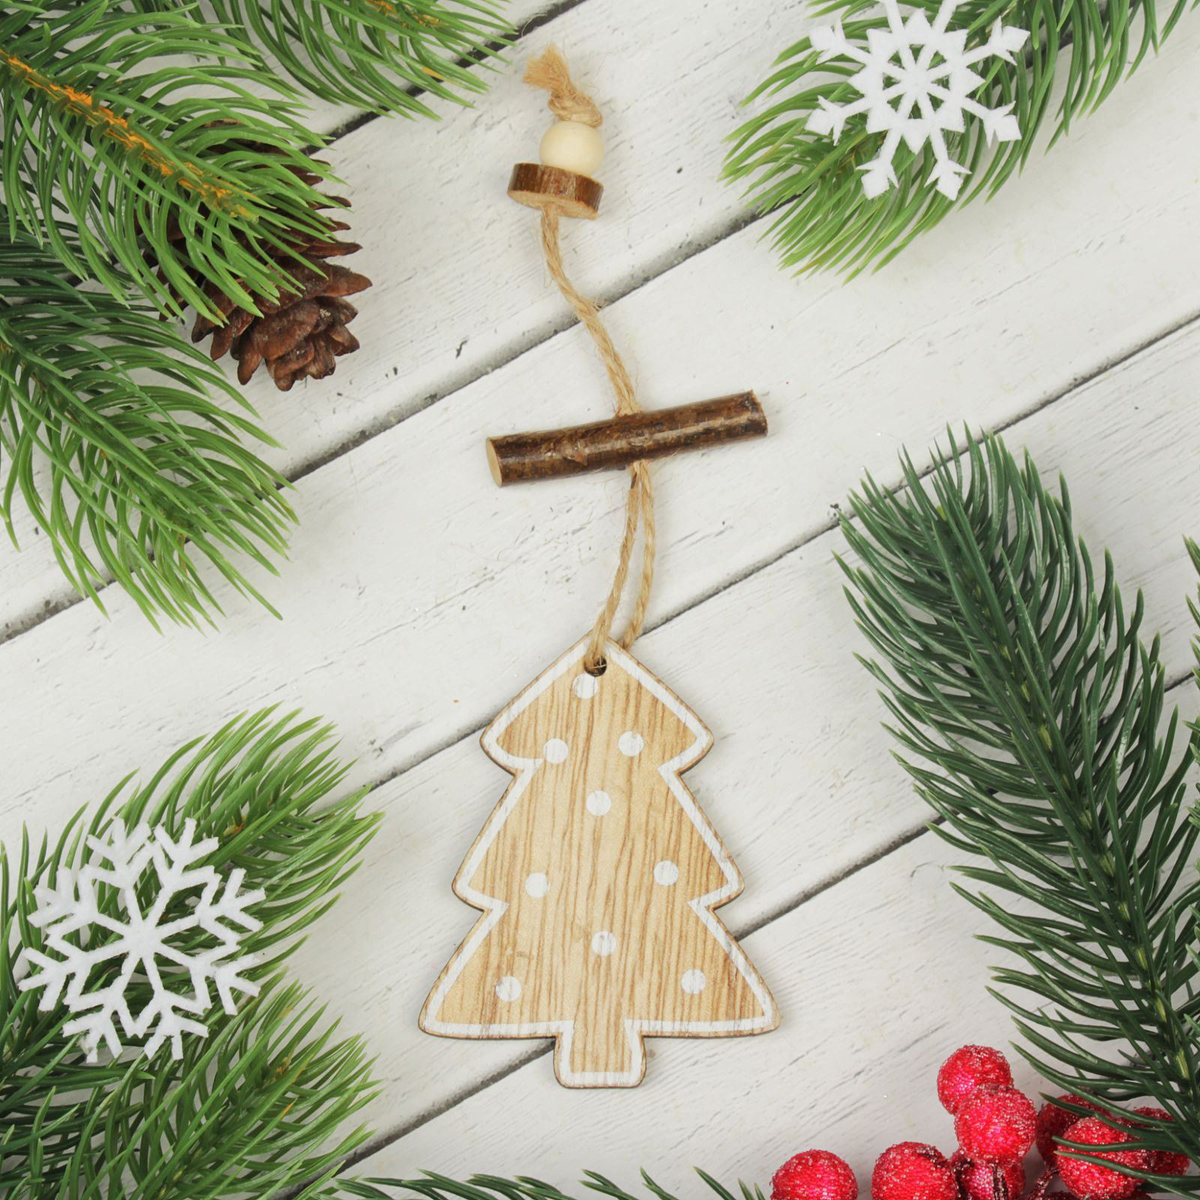 Украшение новогоднее подвесное Праздничное дерево2303241Новогоднее подвесное украшение, выполненное из дерева, отлично подойдет для декорации вашего дома и новогодней ели. С помощью специальной петельки украшение можно повесить в любом понравившемся вам месте. Но, конечно, удачнее всего оно будет смотреться на праздничной елке.Елочная игрушка - символ Нового года. Она несет в себе волшебство и красоту праздника. Такое украшение создаст в вашем доме атмосферу праздника, веселья и радости.